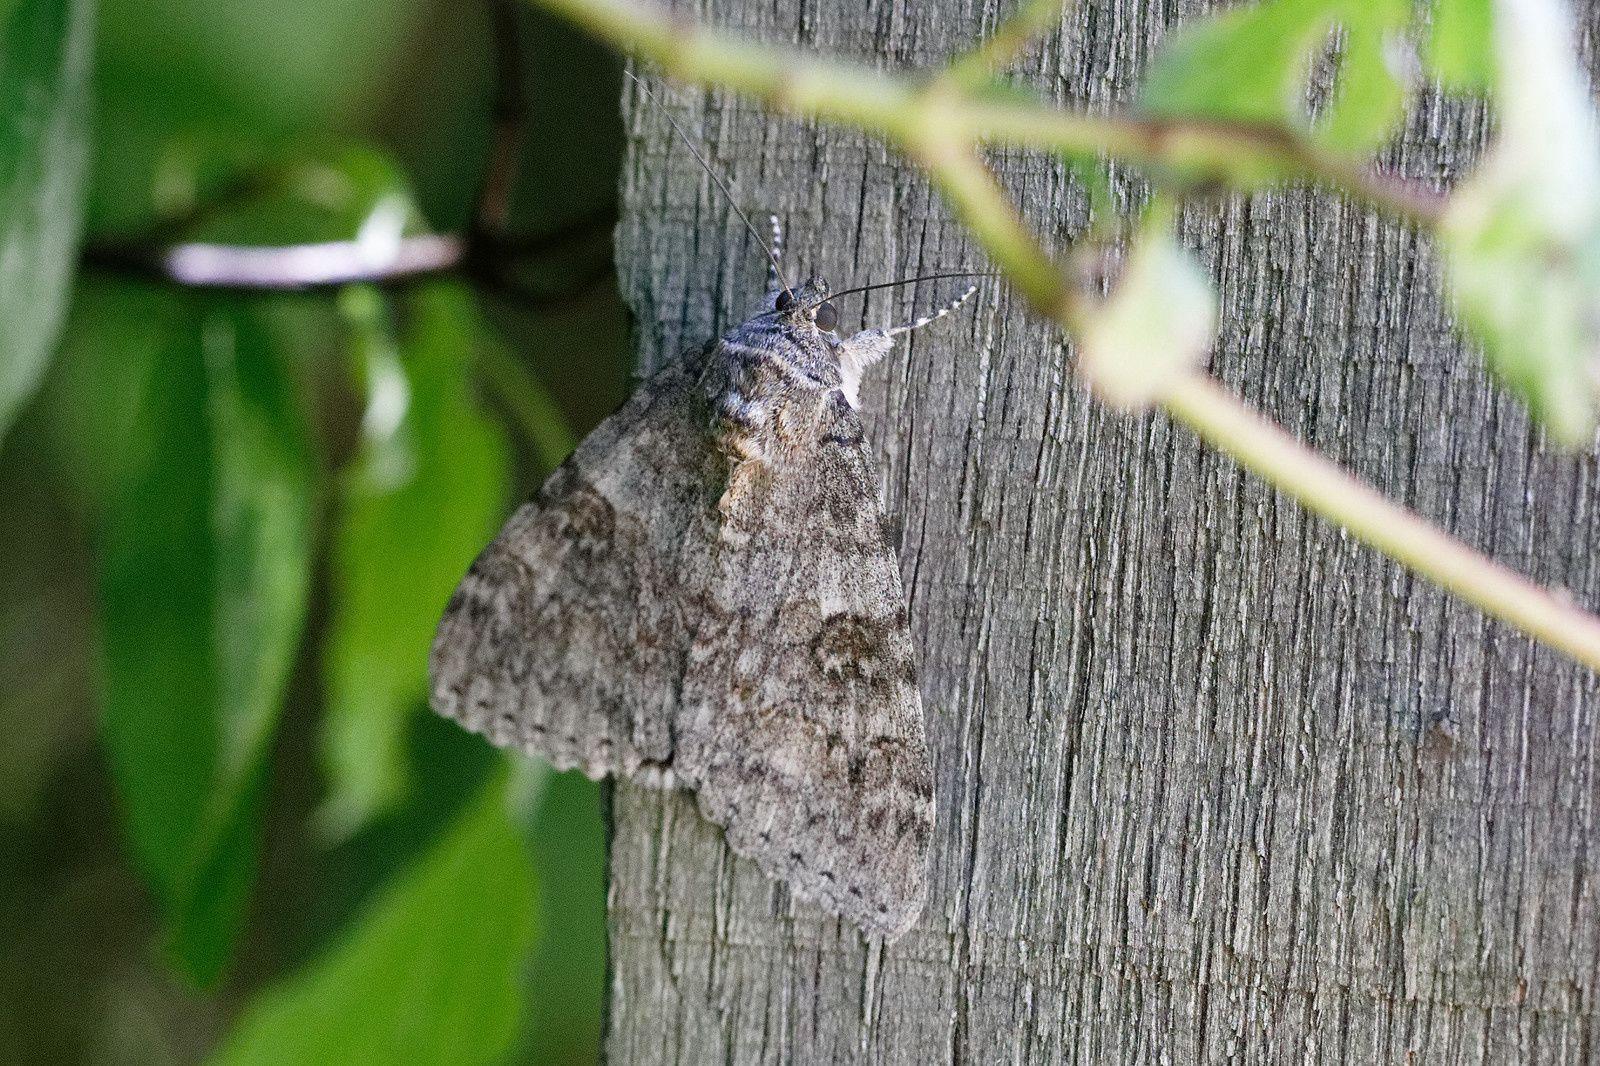 Catocala nupta. Il devient blanc ou ton clair quand il vole. Quelle est donc la couleur sous ses ailes ?